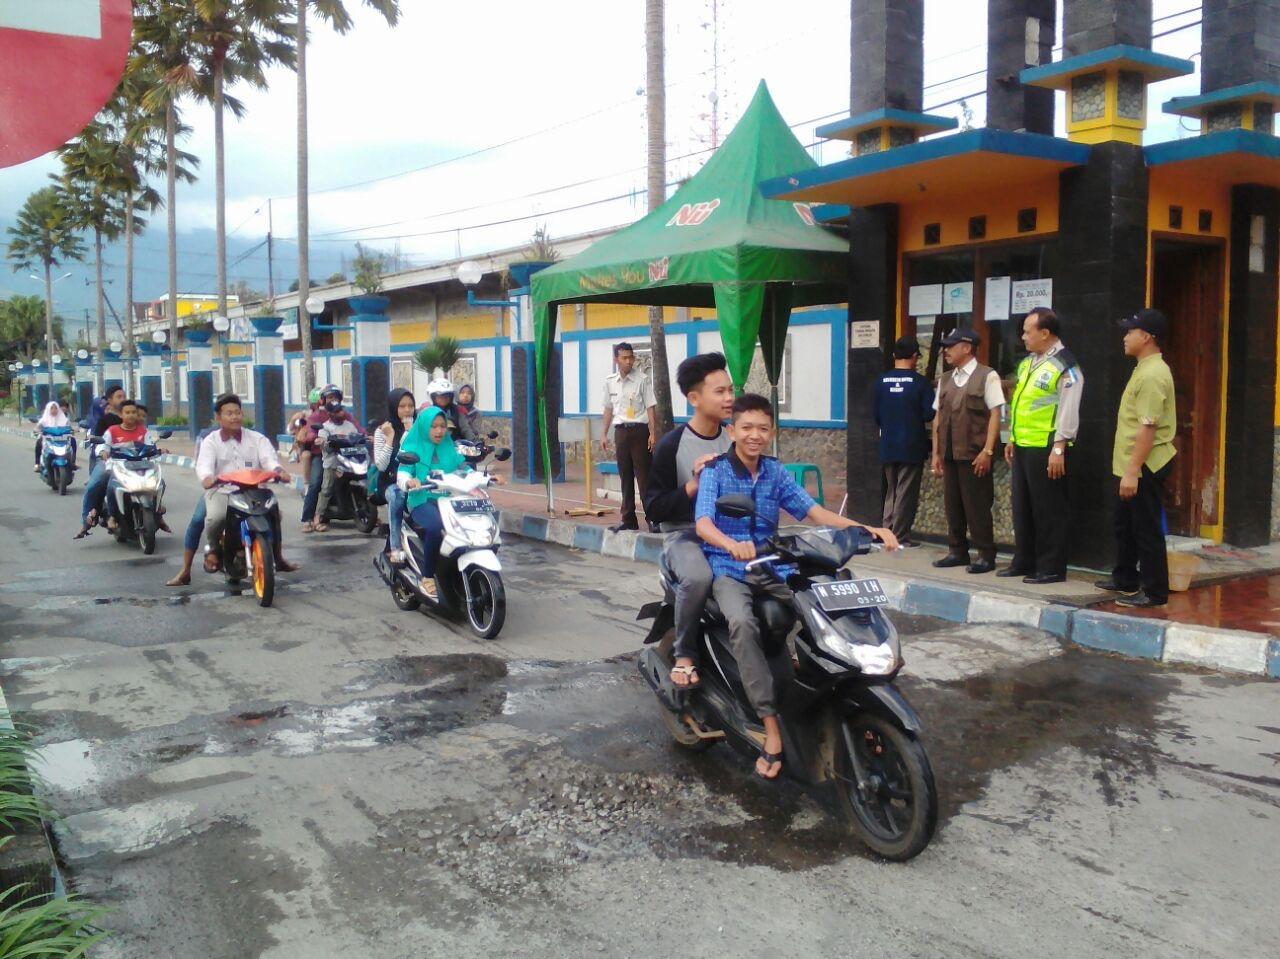 Anggota Polsek Ngantang Polres Batu Laksanakan Giat Patroli Rutin Di Taman Wisata Selorejo